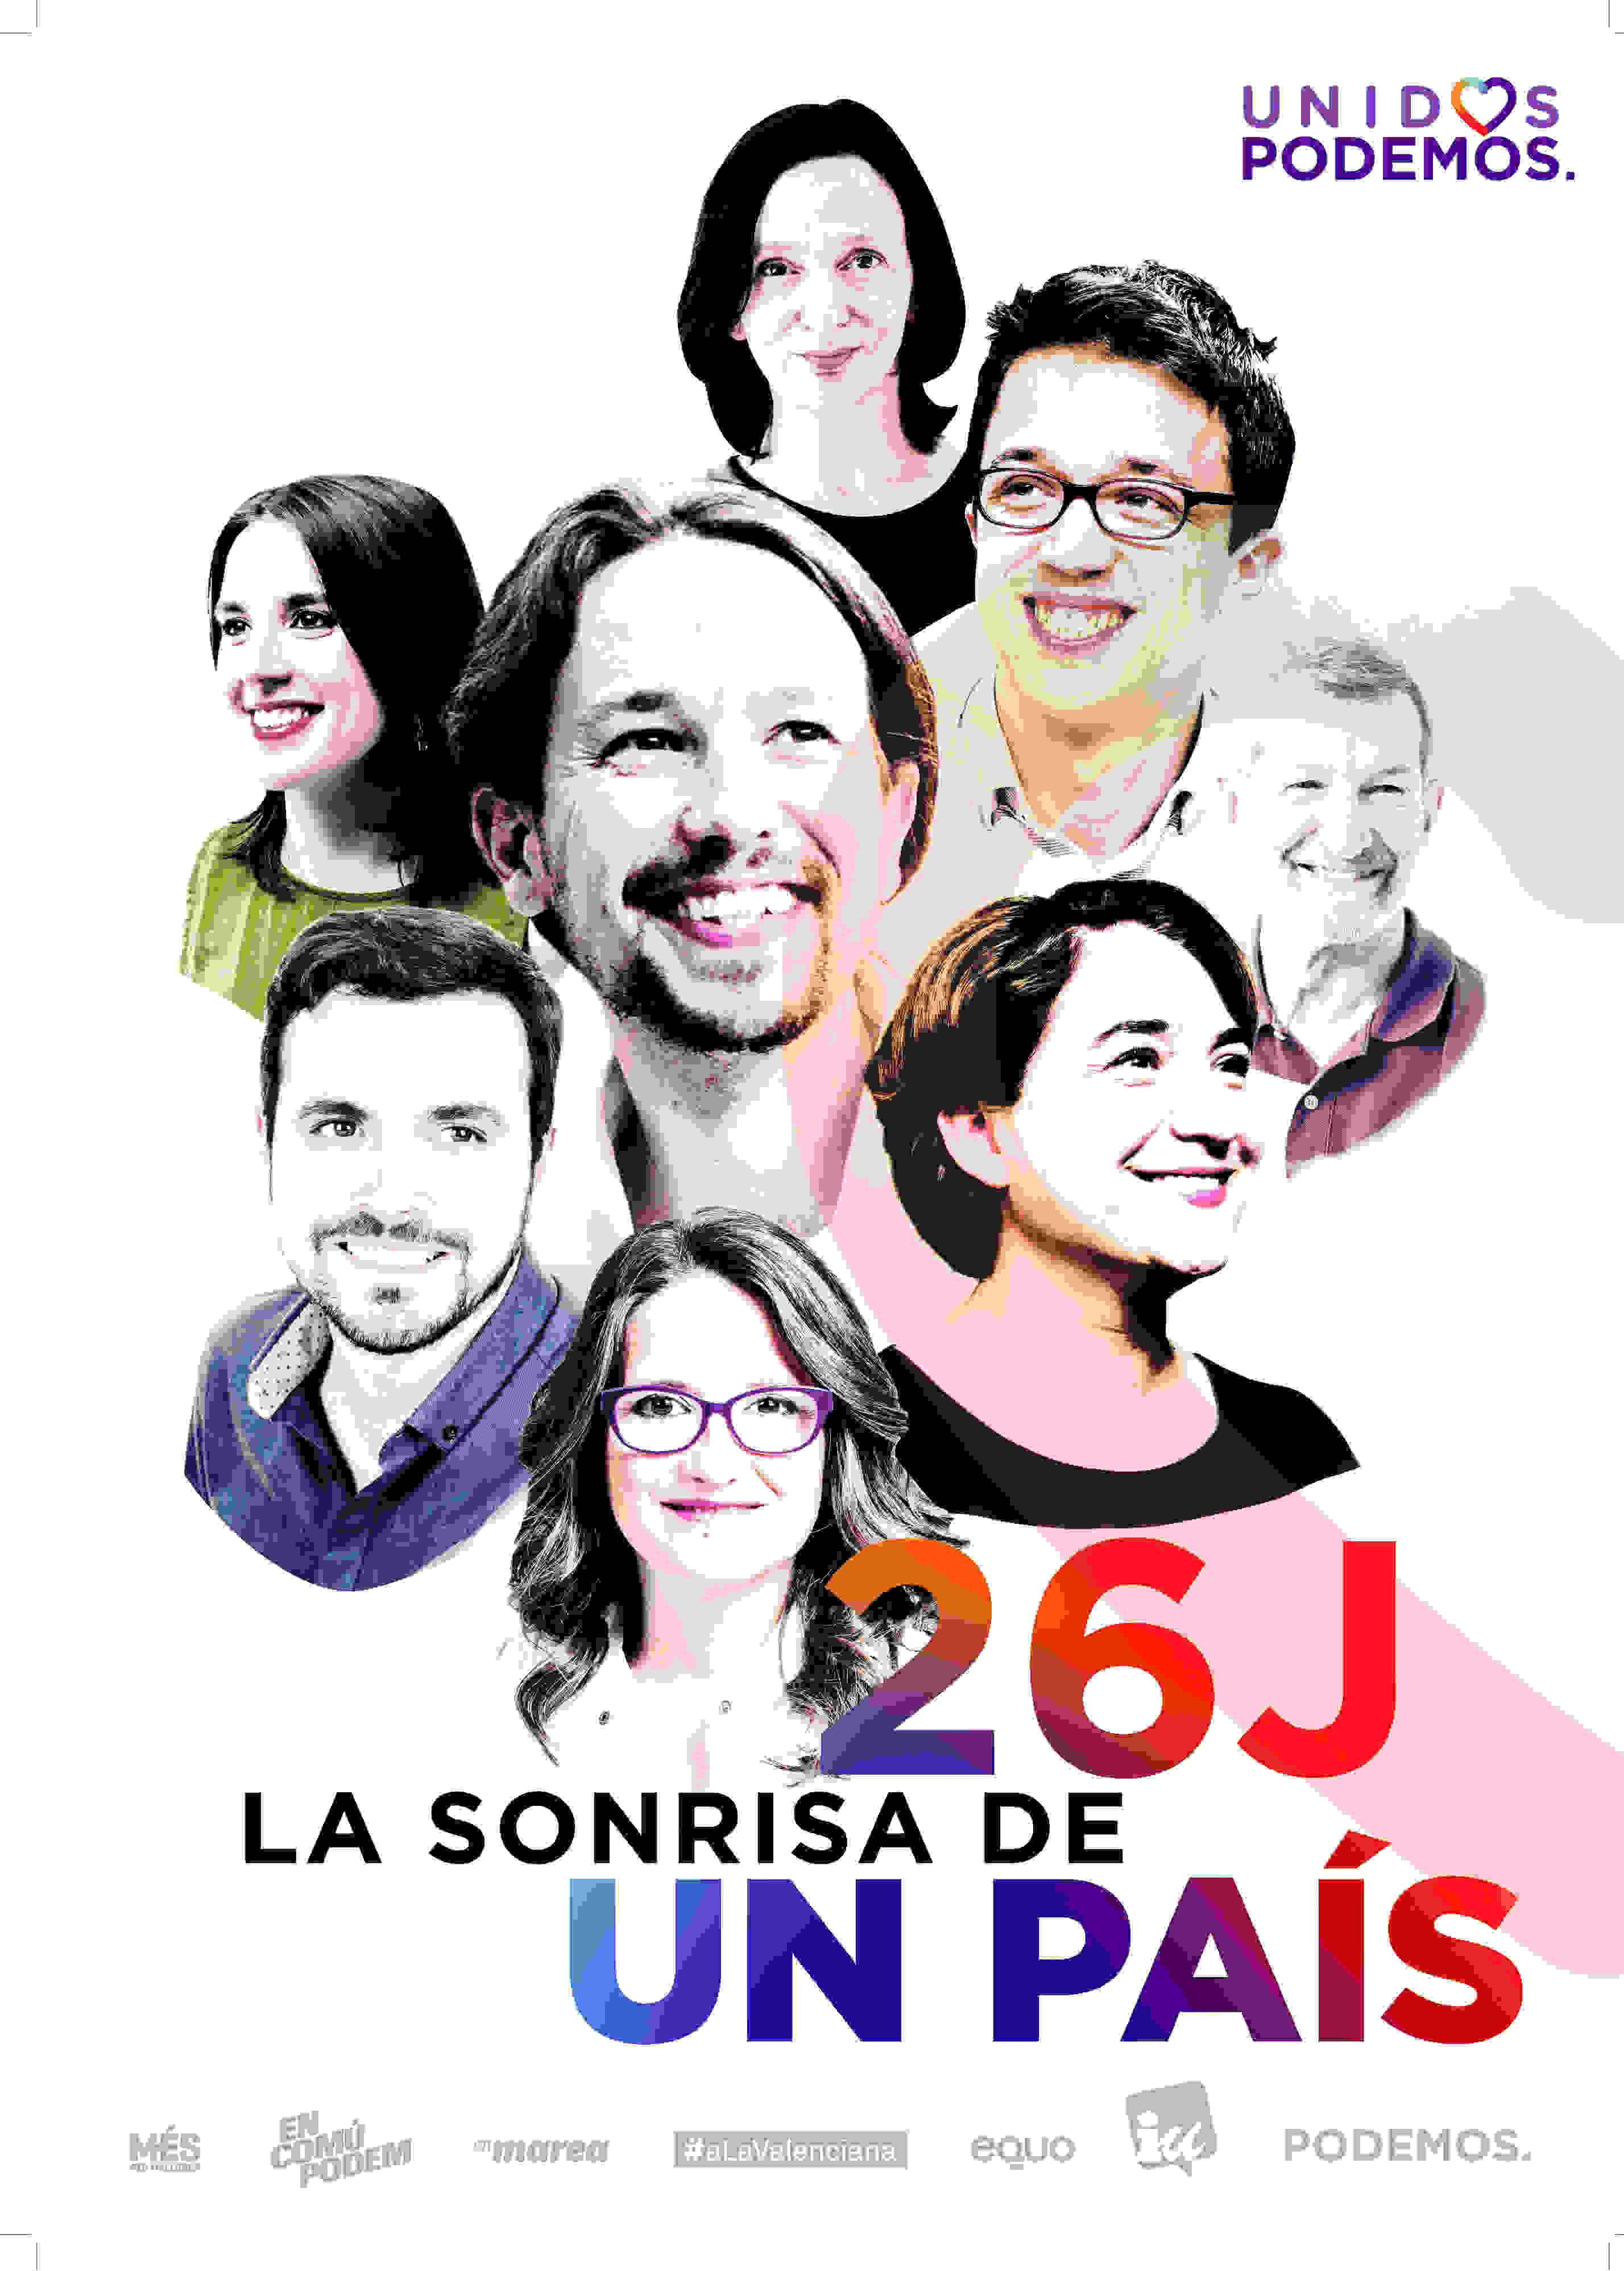 Cartel electoral de Unidos Podemos.